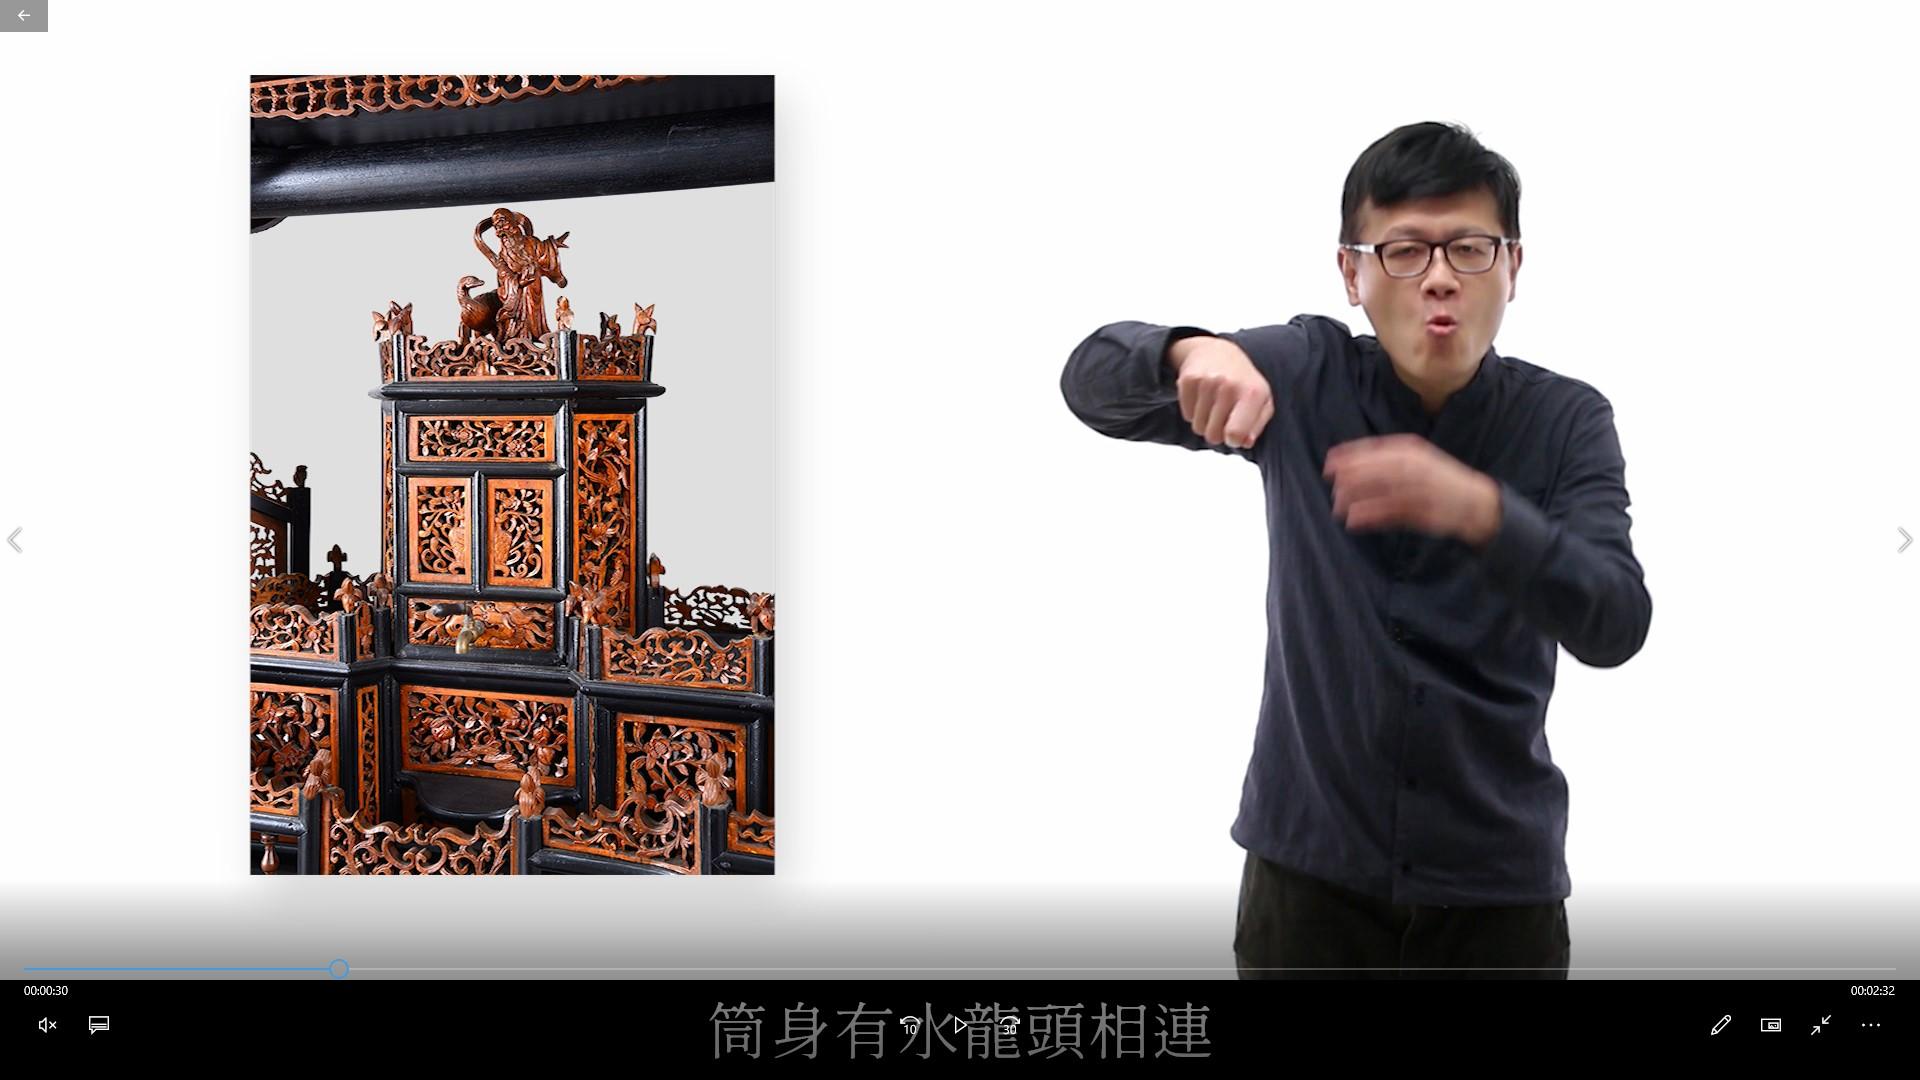 「憨子弟.瘋亂彈 臺灣北管藝術大展」手語導覽影片-10春榭